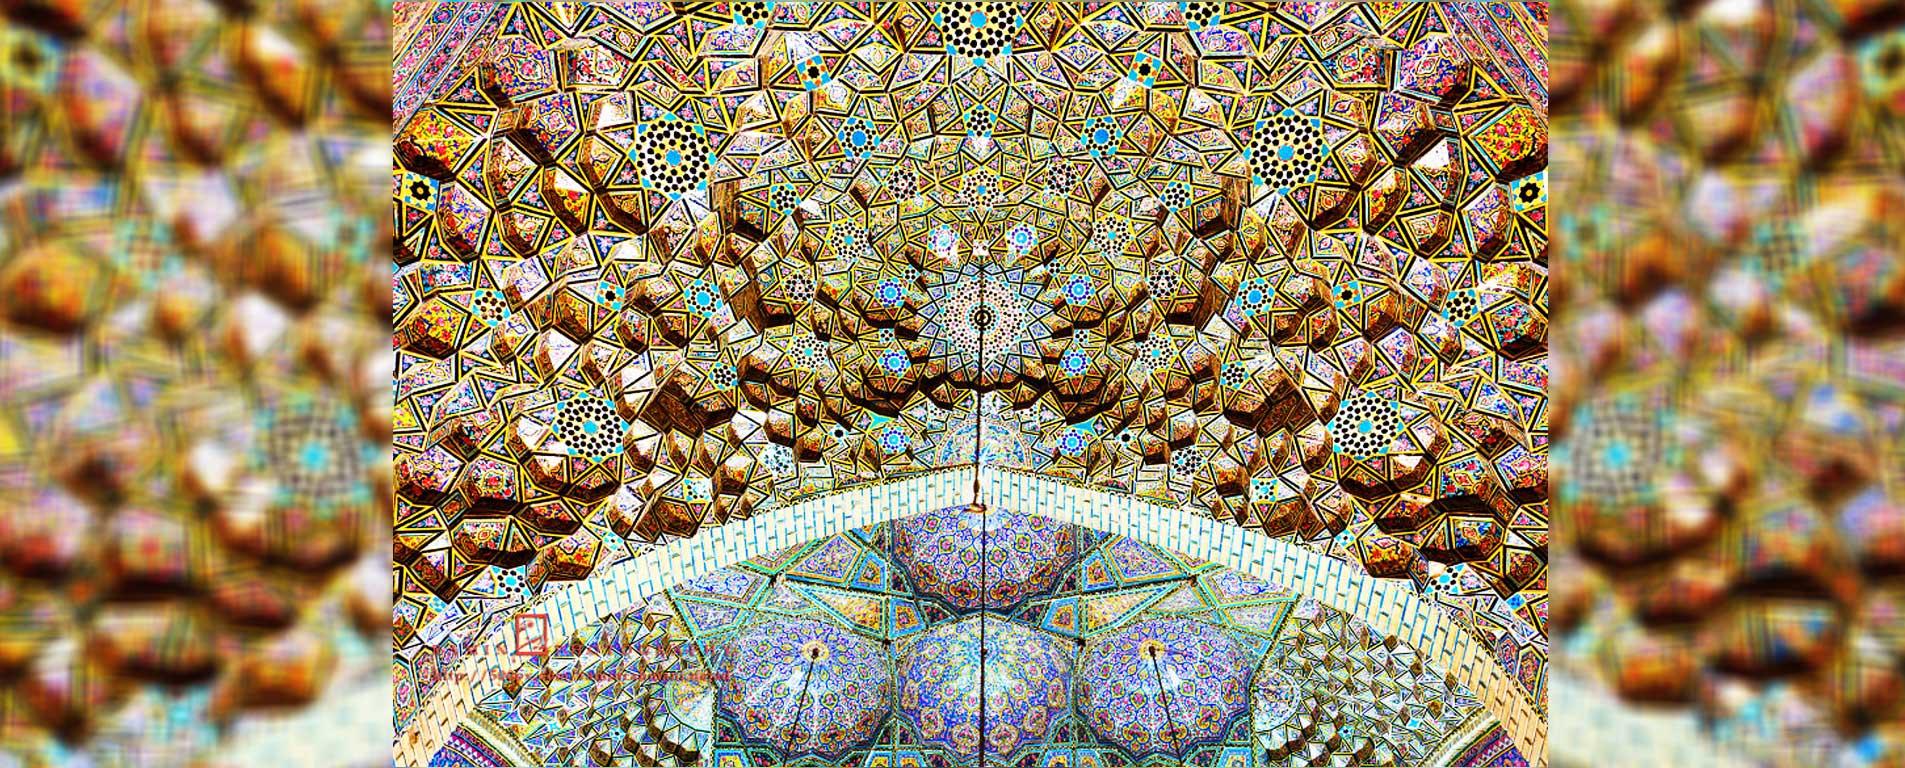 عکس های مسجد نصیرالملک ، خیال در مسجدی صورتی